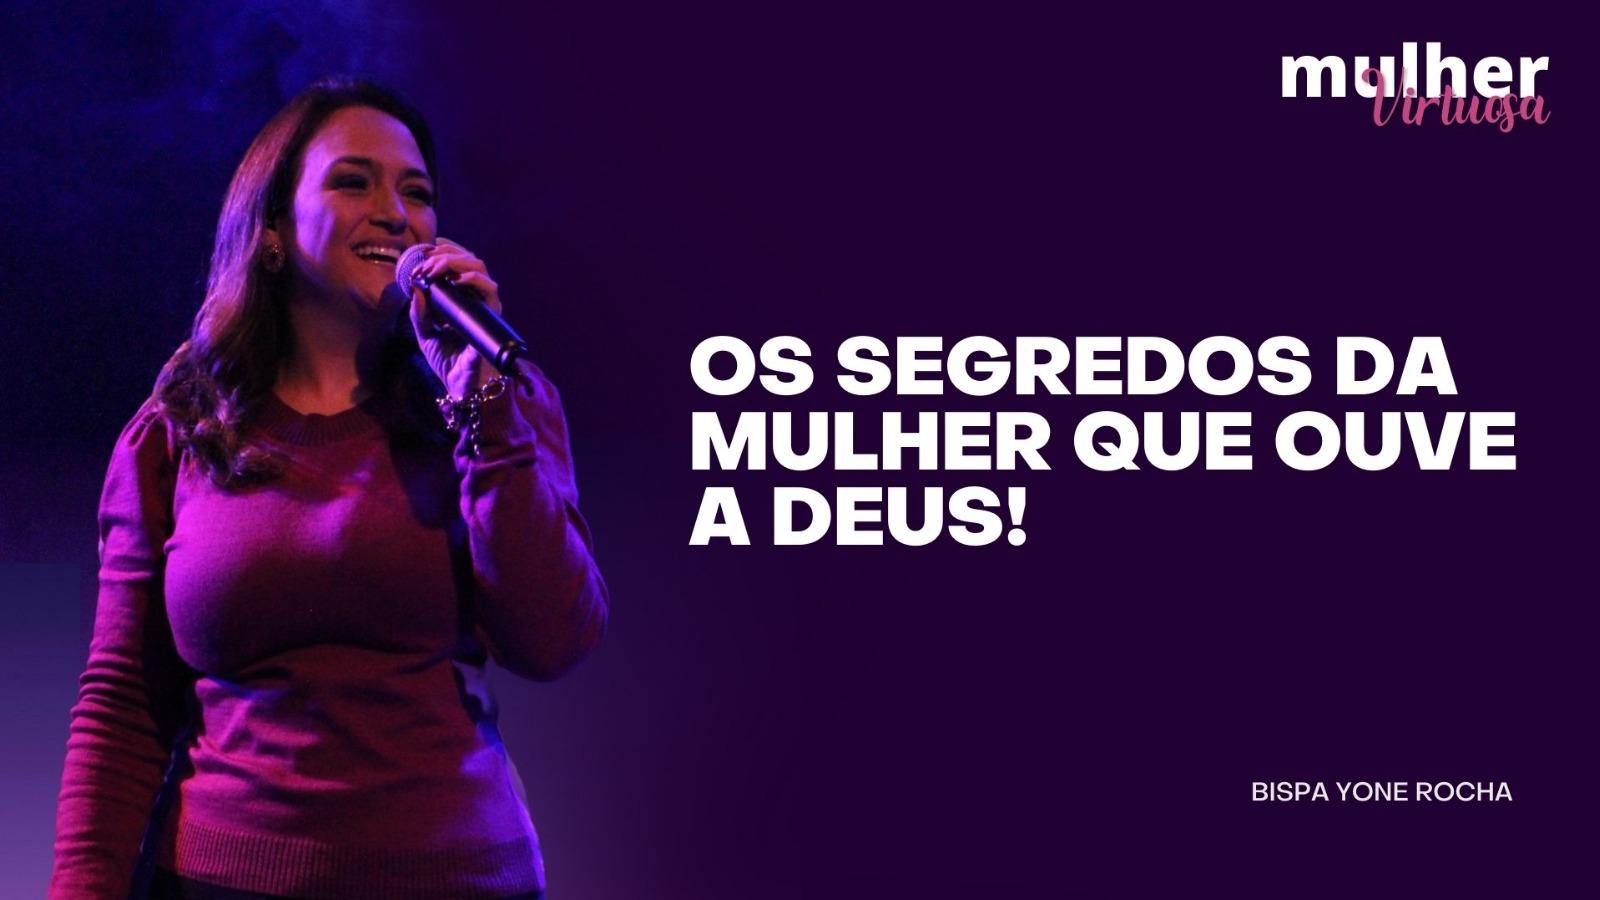 OS SEGREDOS DA MULHER QUE OUVE A DEUS!